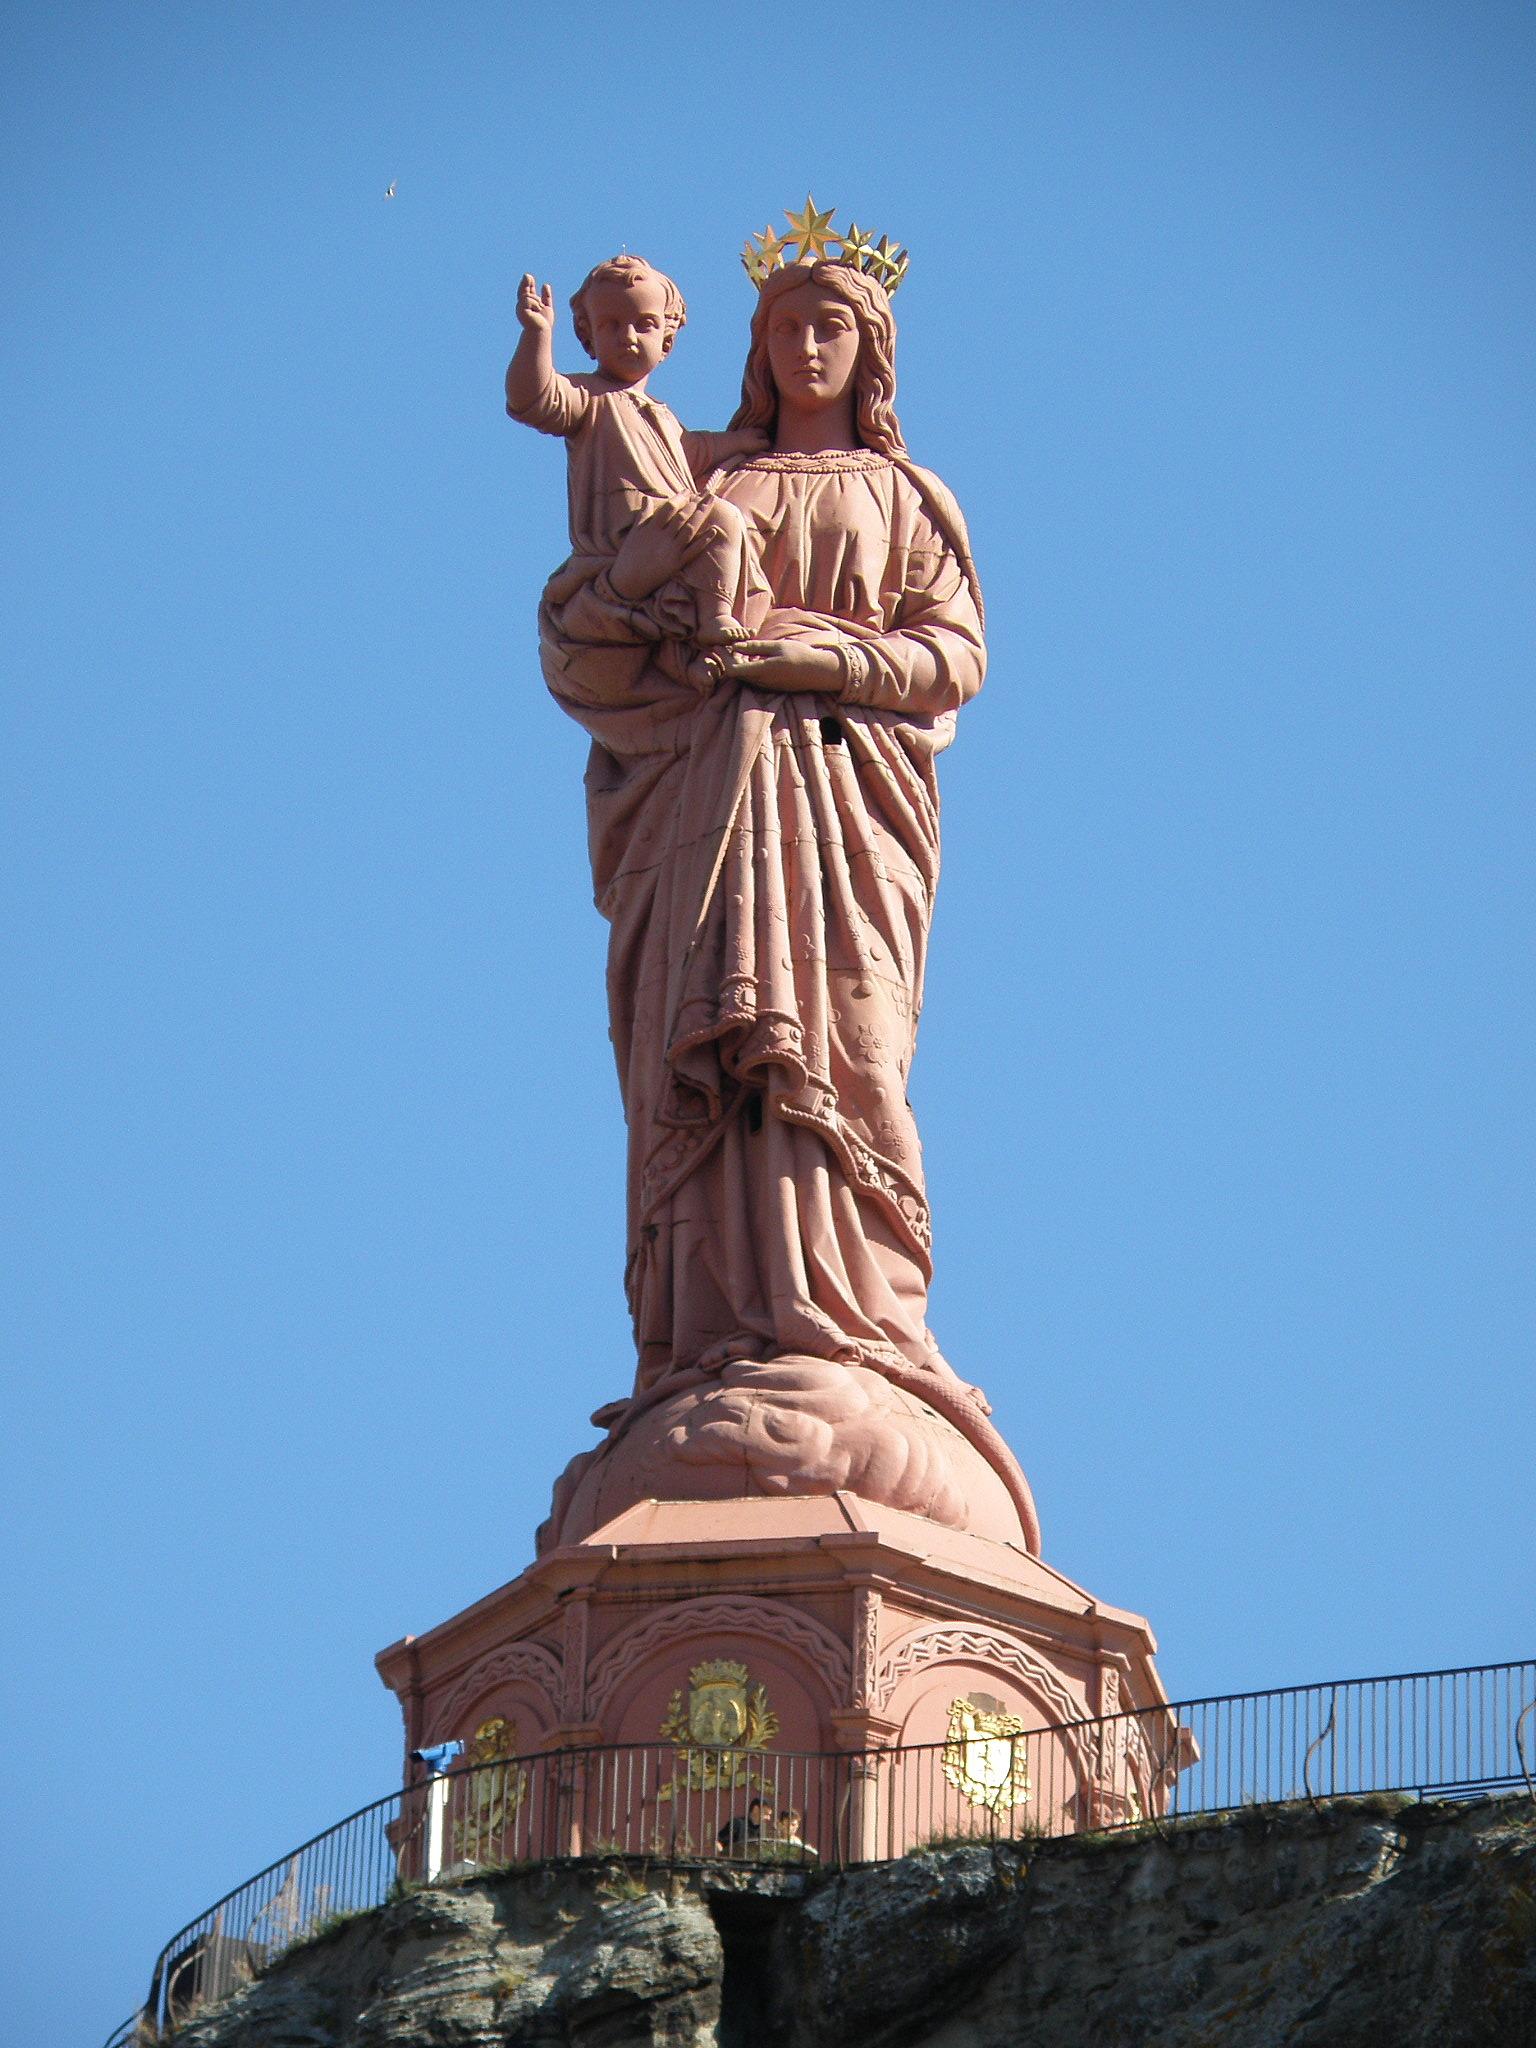 File:Le Puy-en-Velay Notre-Dame de France1.JPG - Wikimedia